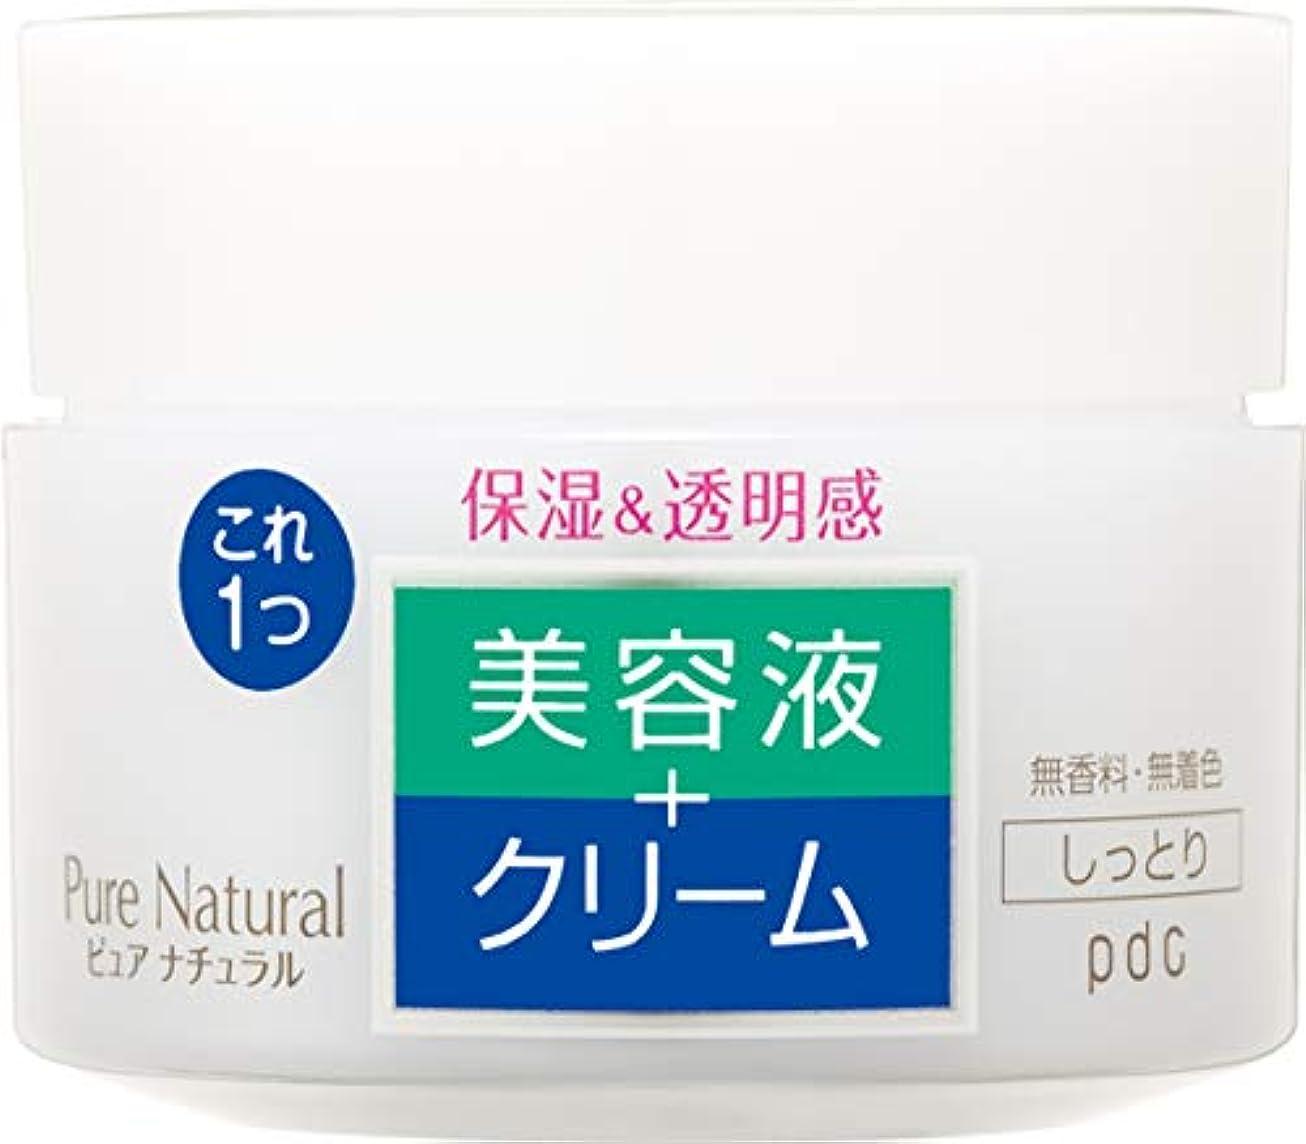 タイトル余剰煙Pure NATURAL(ピュアナチュラル) クリームエッセンス モイスト 100g